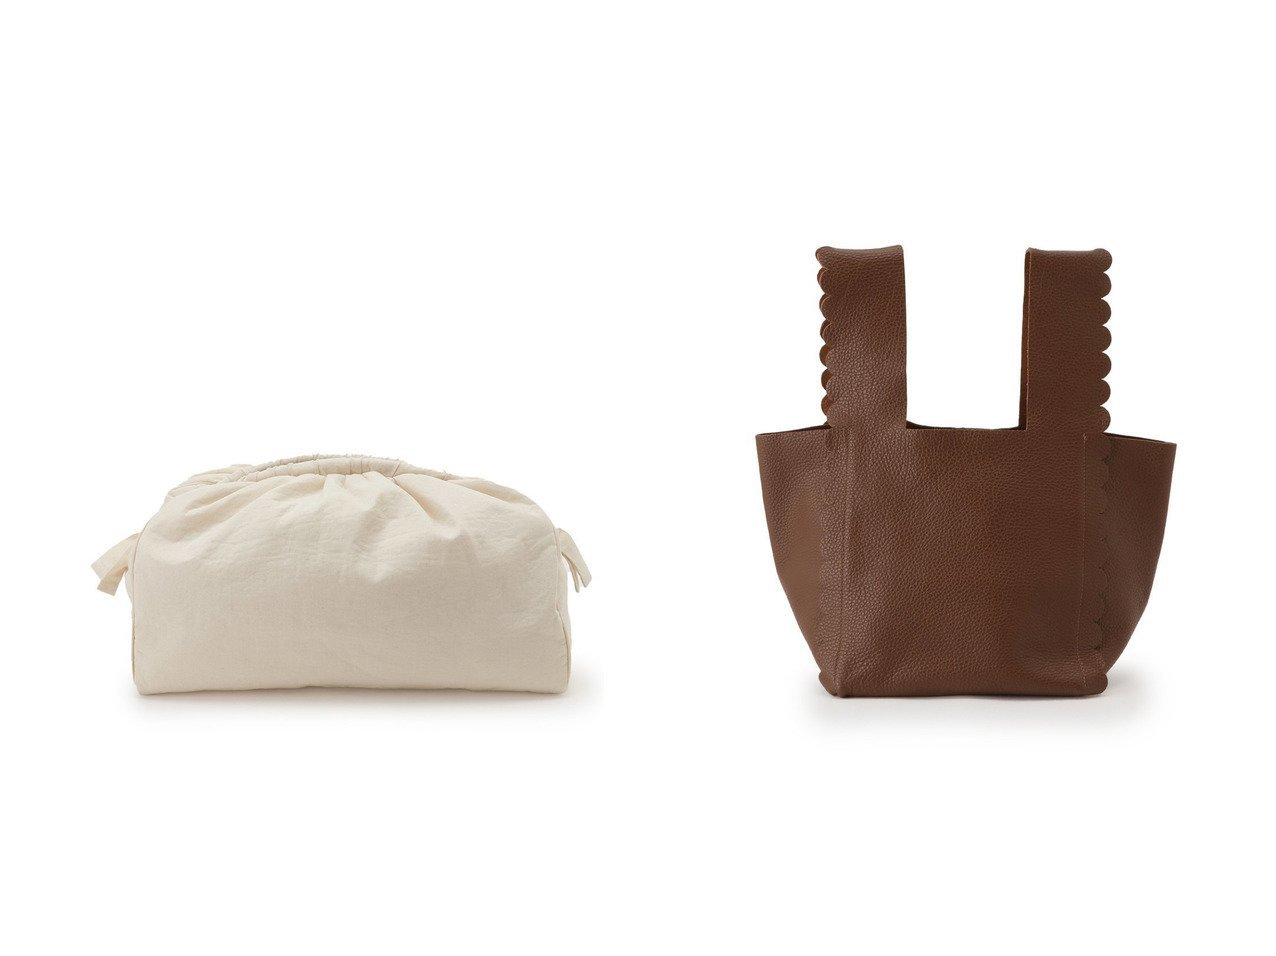 【LUDLOW/ラドロー】のレザースカラップショッピングバッグ&コットンクラッチバッグ 【バッグ・鞄】おすすめ!人気、トレンド・レディースファッションの通販   おすすめで人気の流行・トレンド、ファッションの通販商品 インテリア・家具・メンズファッション・キッズファッション・レディースファッション・服の通販 founy(ファニー) https://founy.com/ ファッション Fashion レディースファッション WOMEN バッグ Bag クラッチ フォルム 2020年 2020 2020-2021秋冬・A/W AW・Autumn/Winter・FW・Fall-Winter/2020-2021 2021年 2021 2021-2022秋冬・A/W AW・Autumn/Winter・FW・Fall-Winter・2021-2022 A/W・秋冬 AW・Autumn/Winter・FW・Fall-Winter コンパクト シンプル スカラップ |ID:crp329100000064843